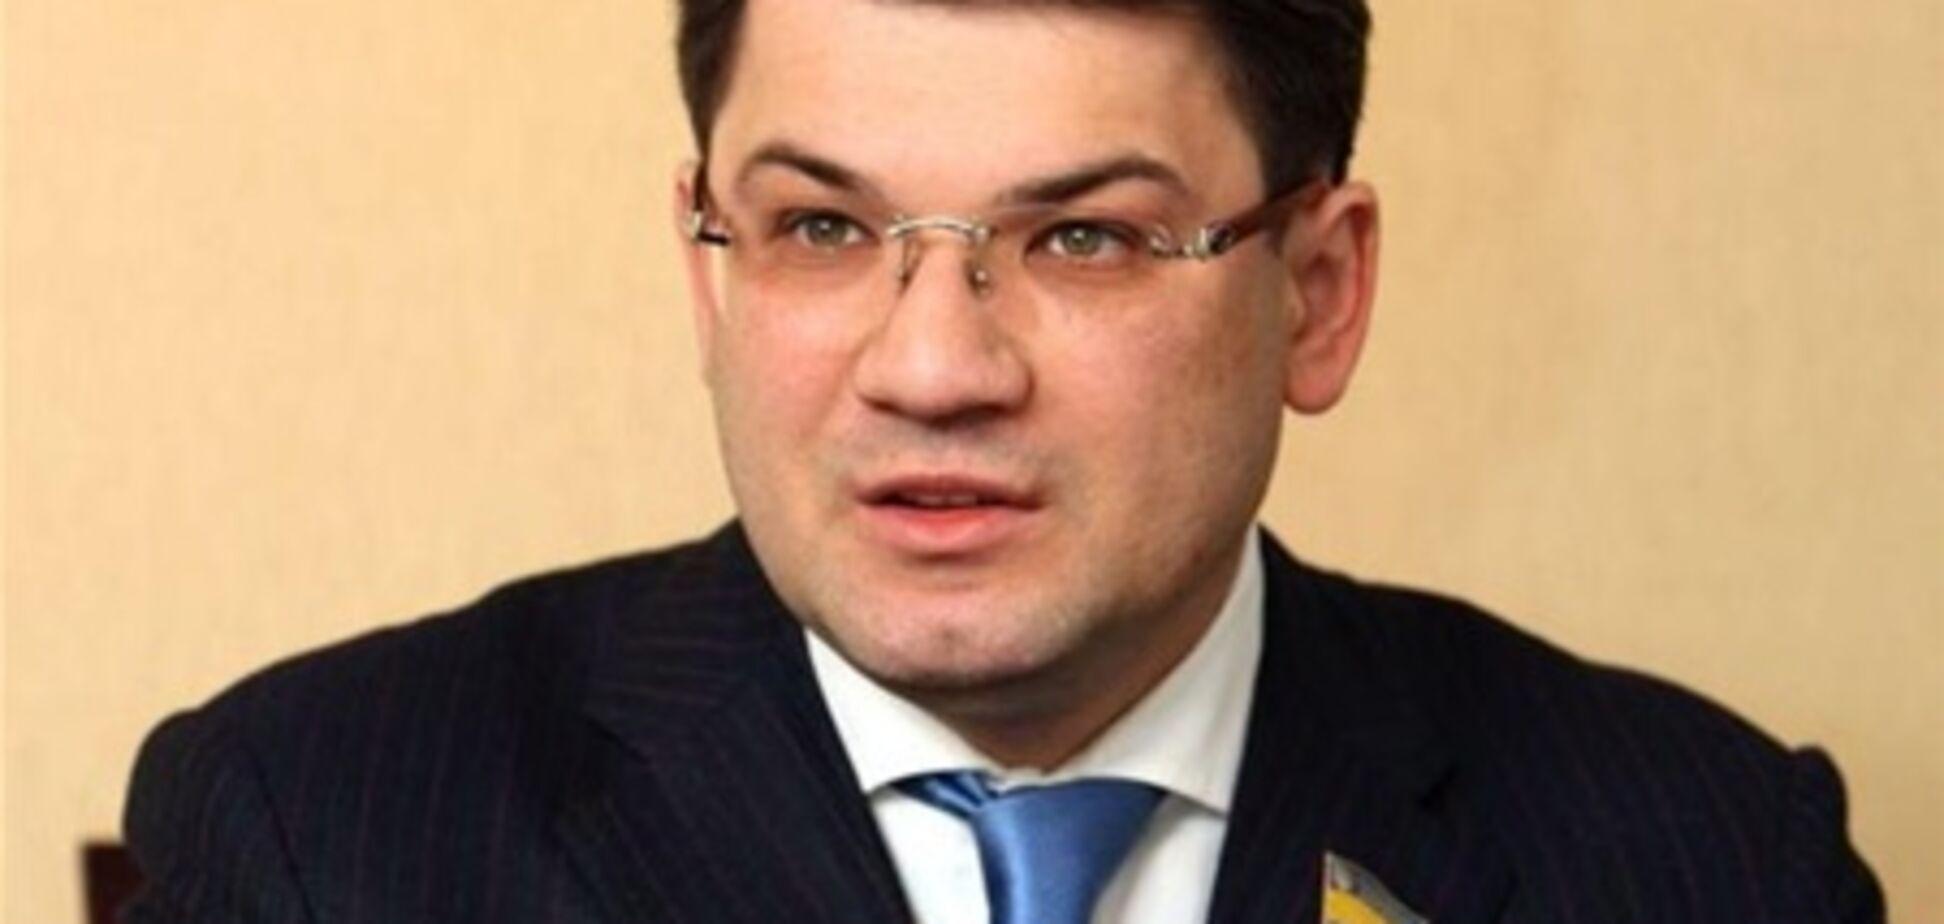 Экс-глава украинского Интерпола: Тайванчика задержать нельзя, даже если бы это был Джек-потрошитель